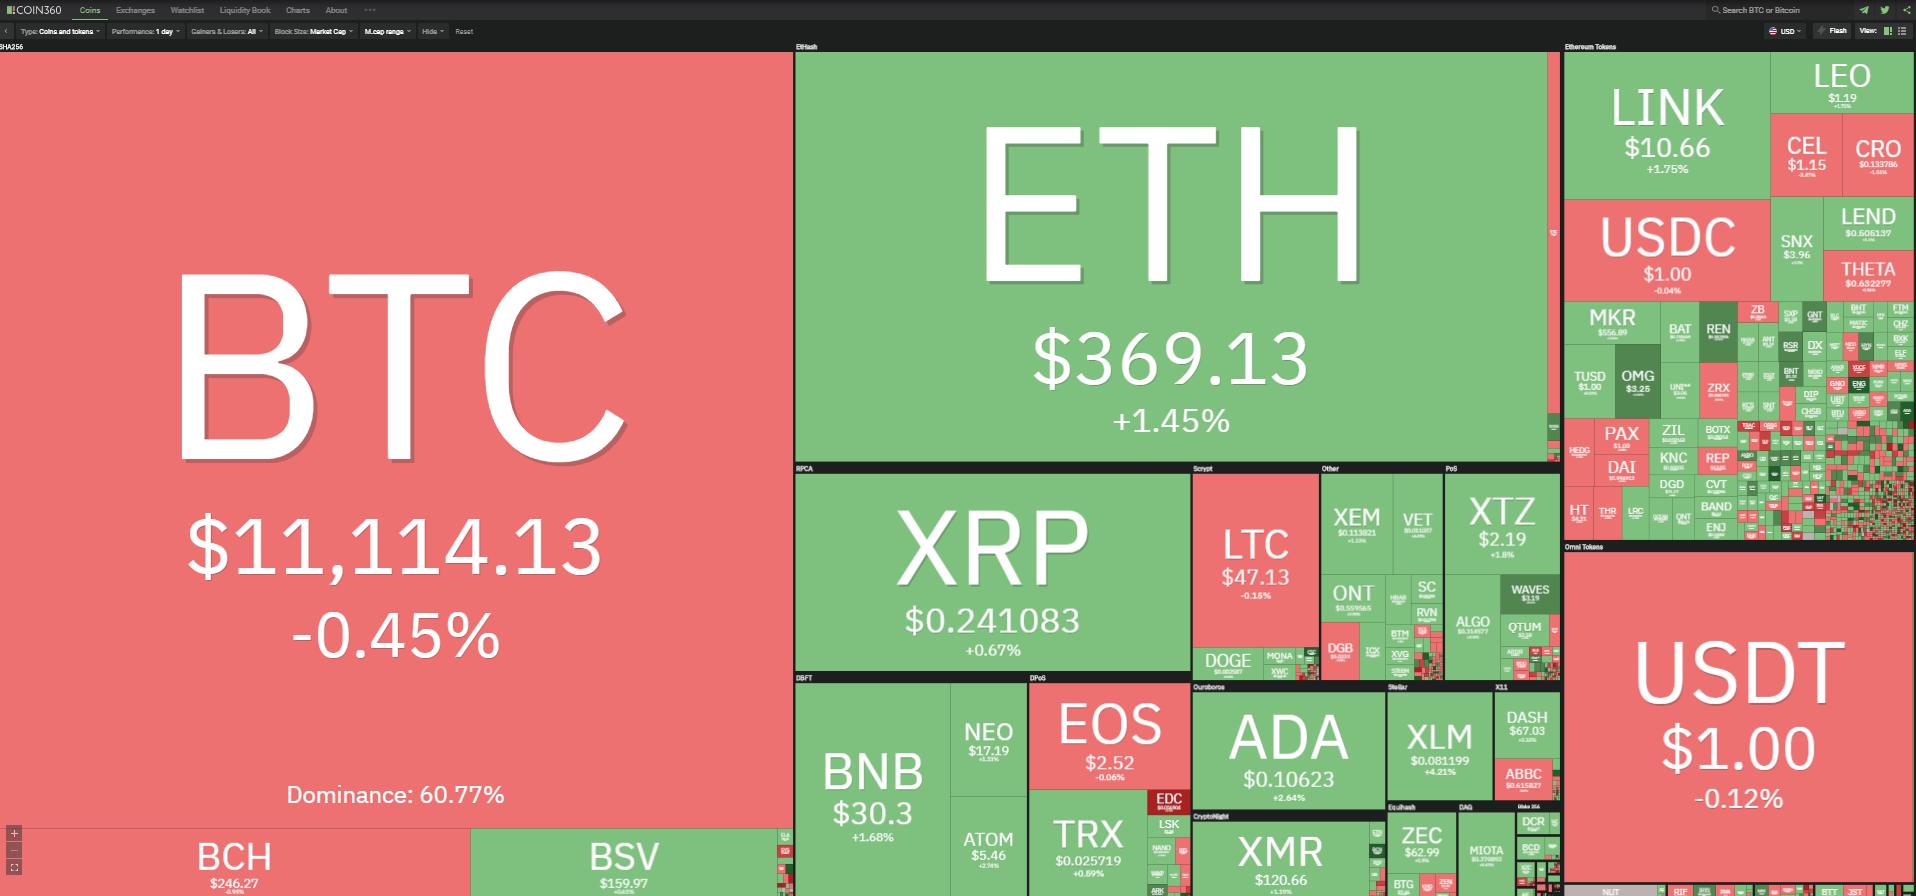 Toàn cảnh thị trường tiền kĩ thuật số ngày 18/10 (nguồn: Coin360.com).